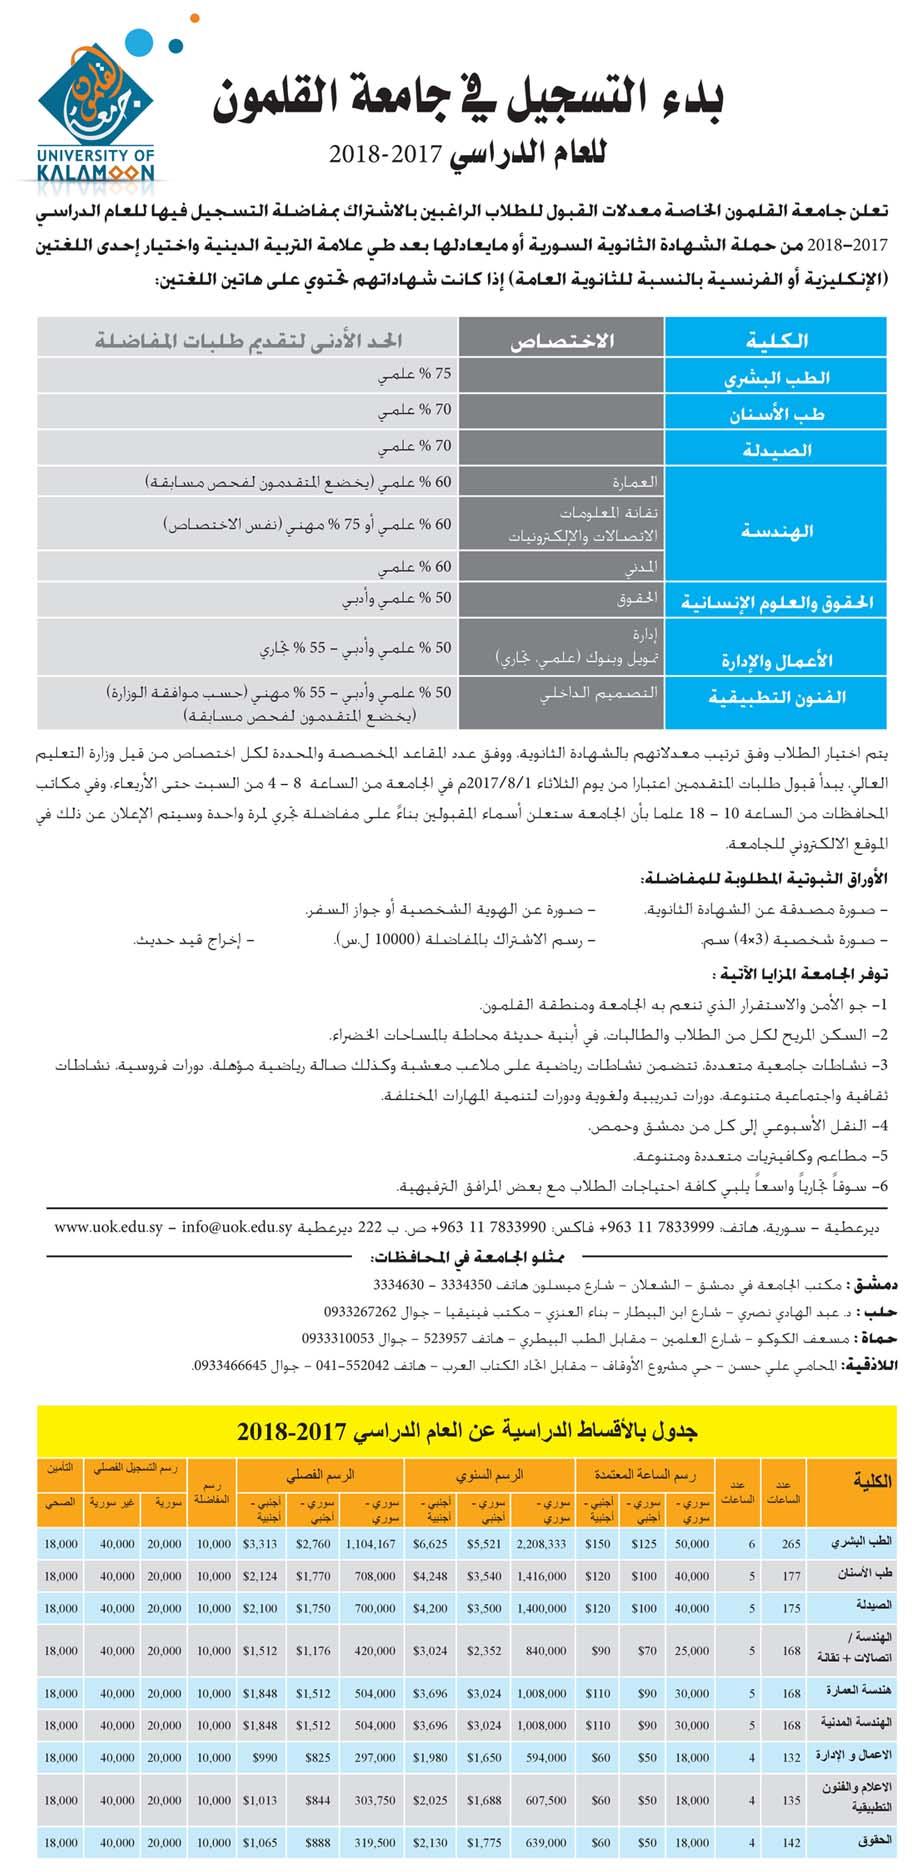 مفاضلة جامعة القلمون الخاصة بديرعطية 2017 - 2018